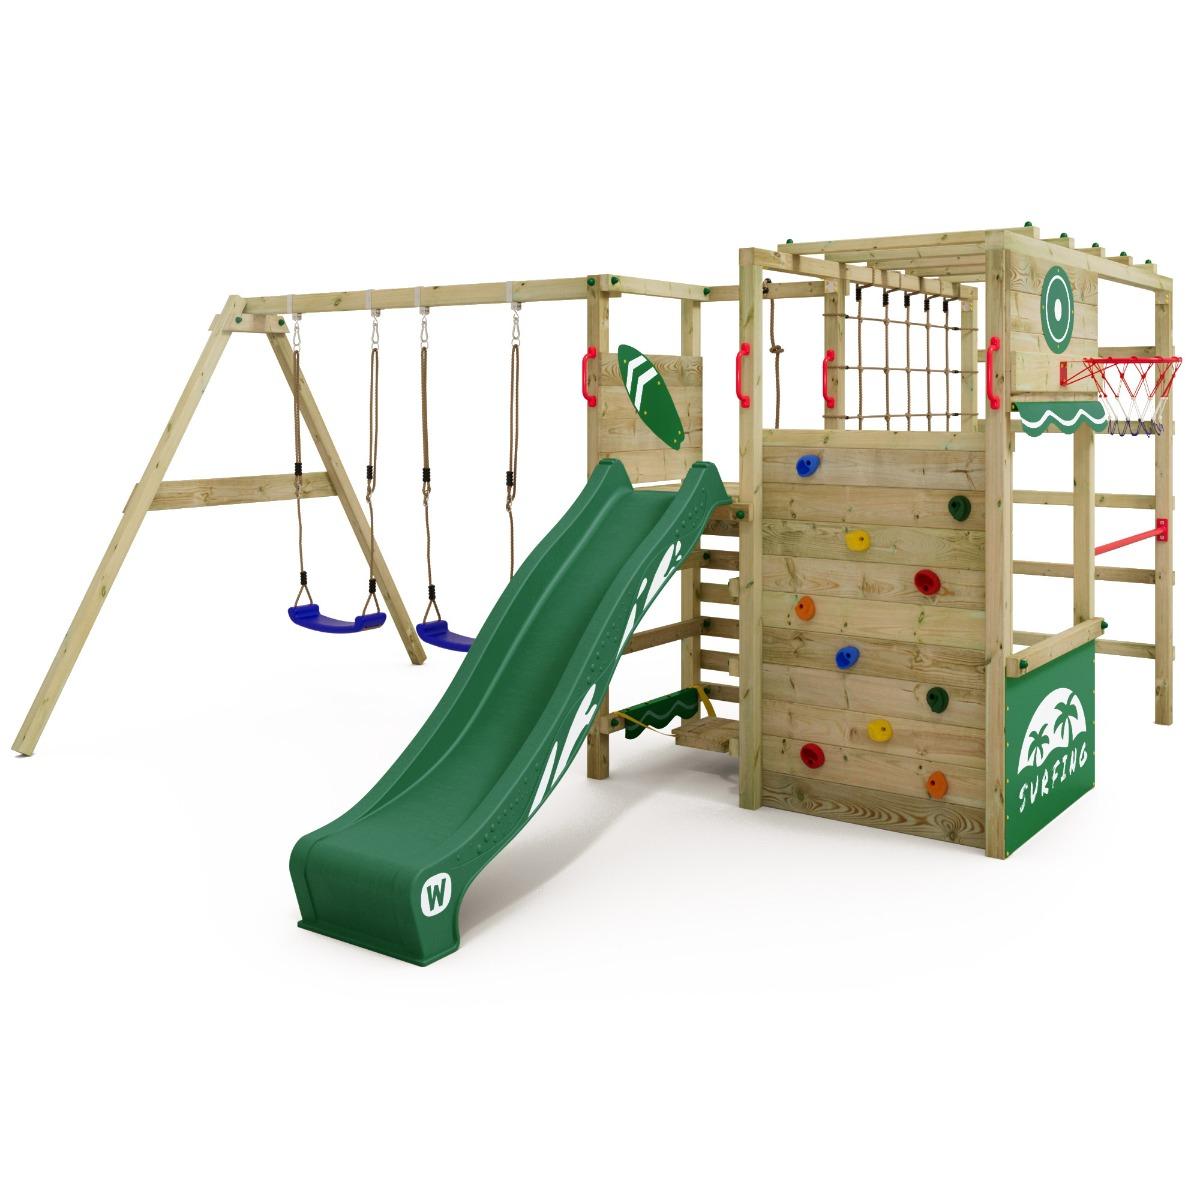 Obrázek Wickey Dětská prolézačka se skluzavkou Smart Sparkle Dětské hřiště